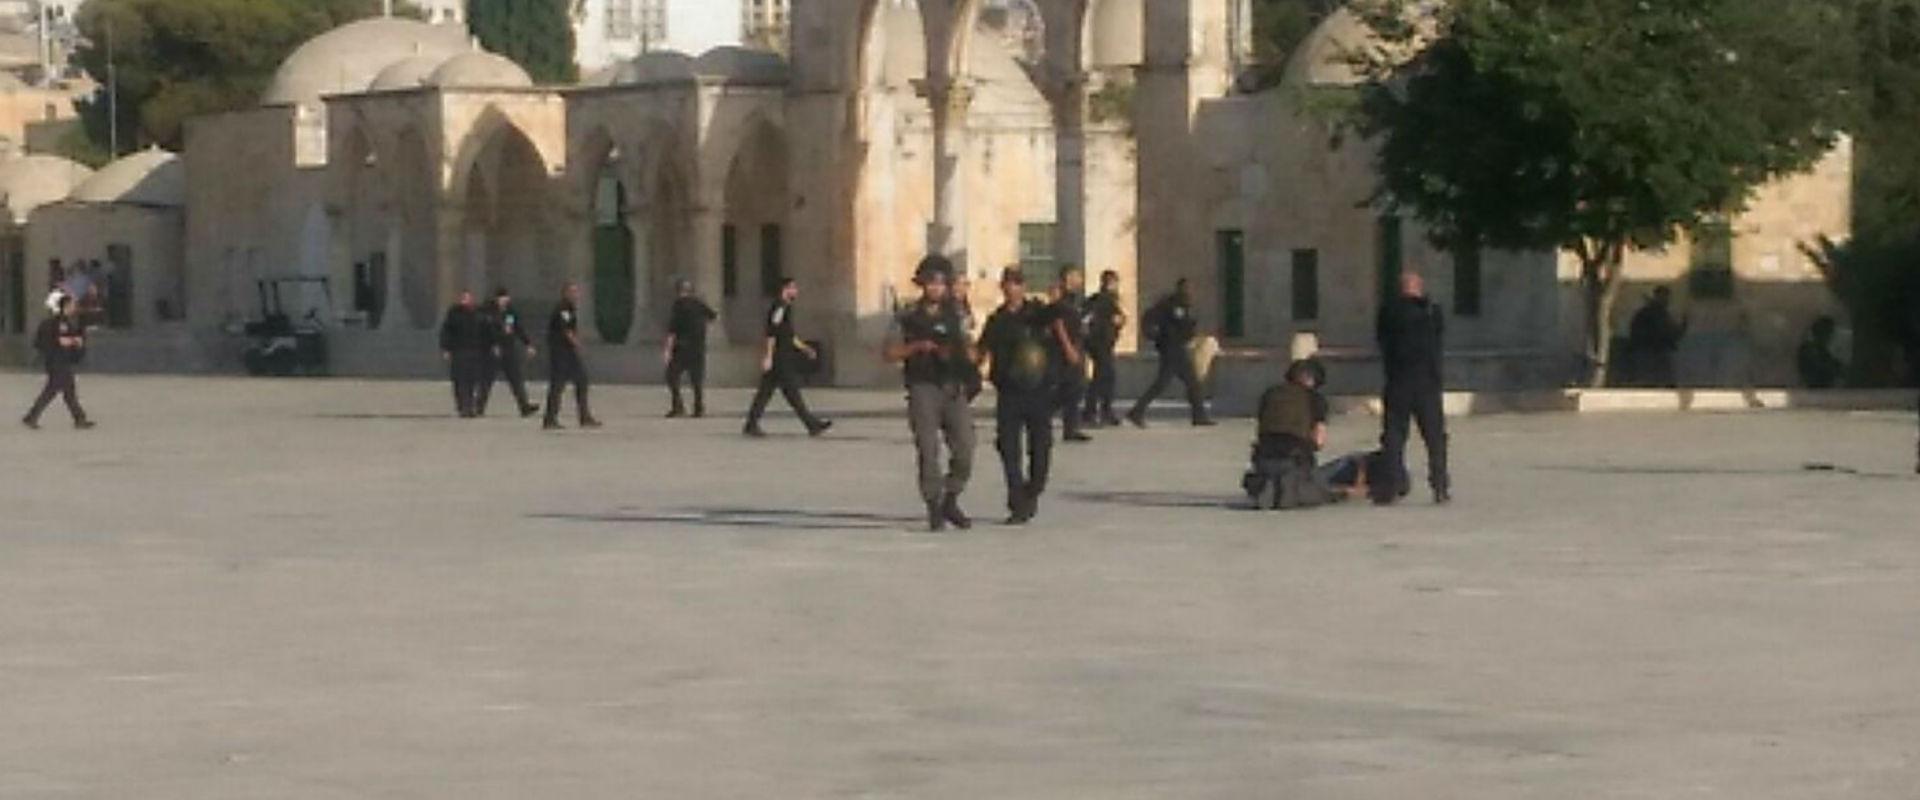 כוחות הביטחון באזור הפיגוע בהר הבית